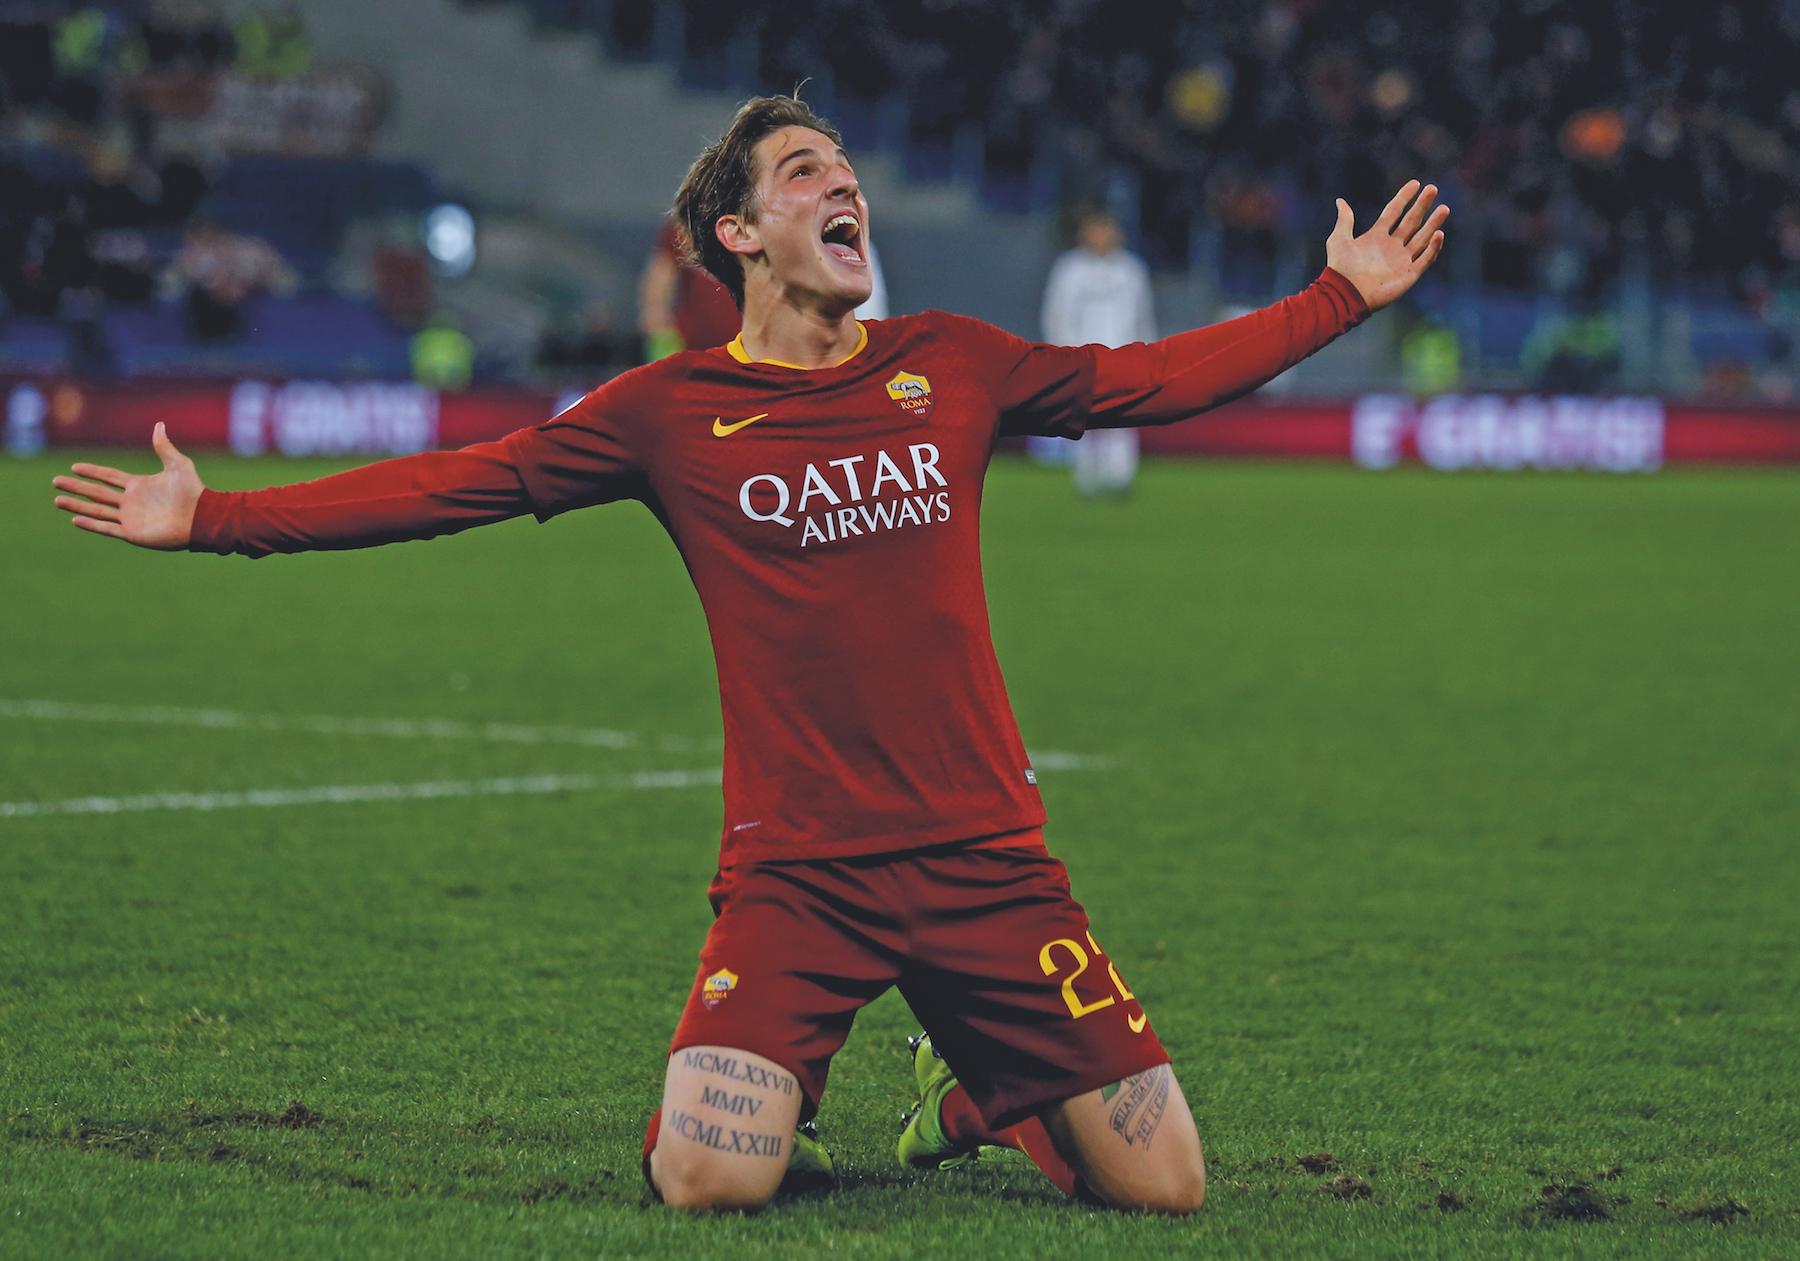 Nicolò Zaniolo, come si passa da 4,5 a 40 milioni di euro in una ...